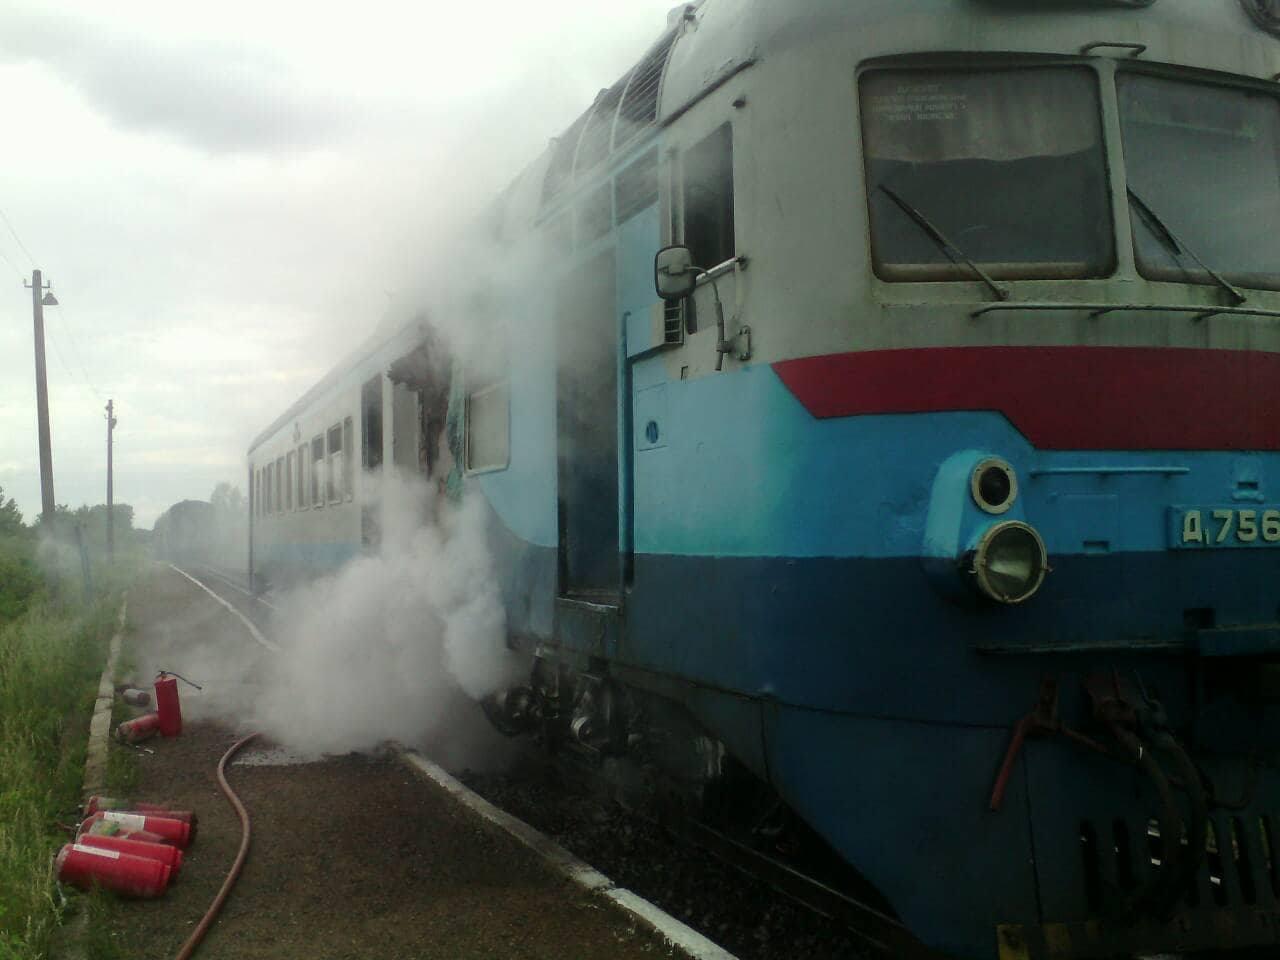 Резонансна пожежа в потязі на Закарпатті: всі подробиці від рятувальників (ФОТО)